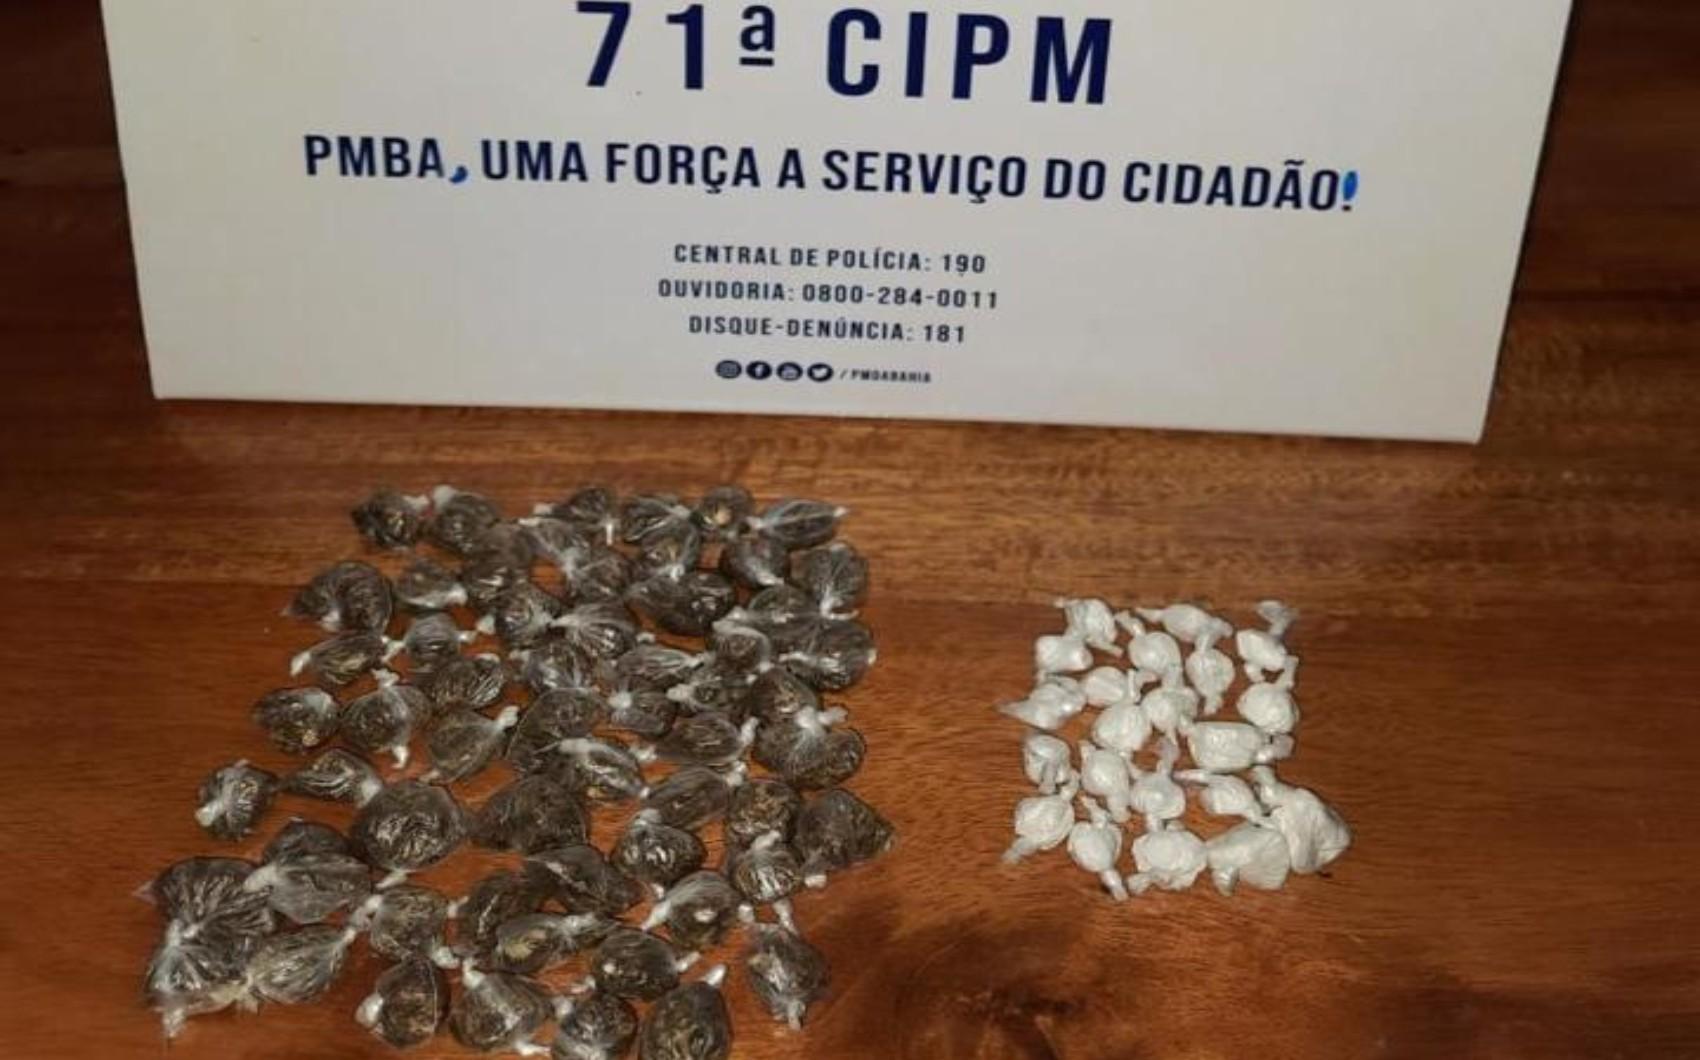 Operação policial encontra acampamento usado como 'refúgio' de traficantes no sul da Bahia; drogas foram apreendidas